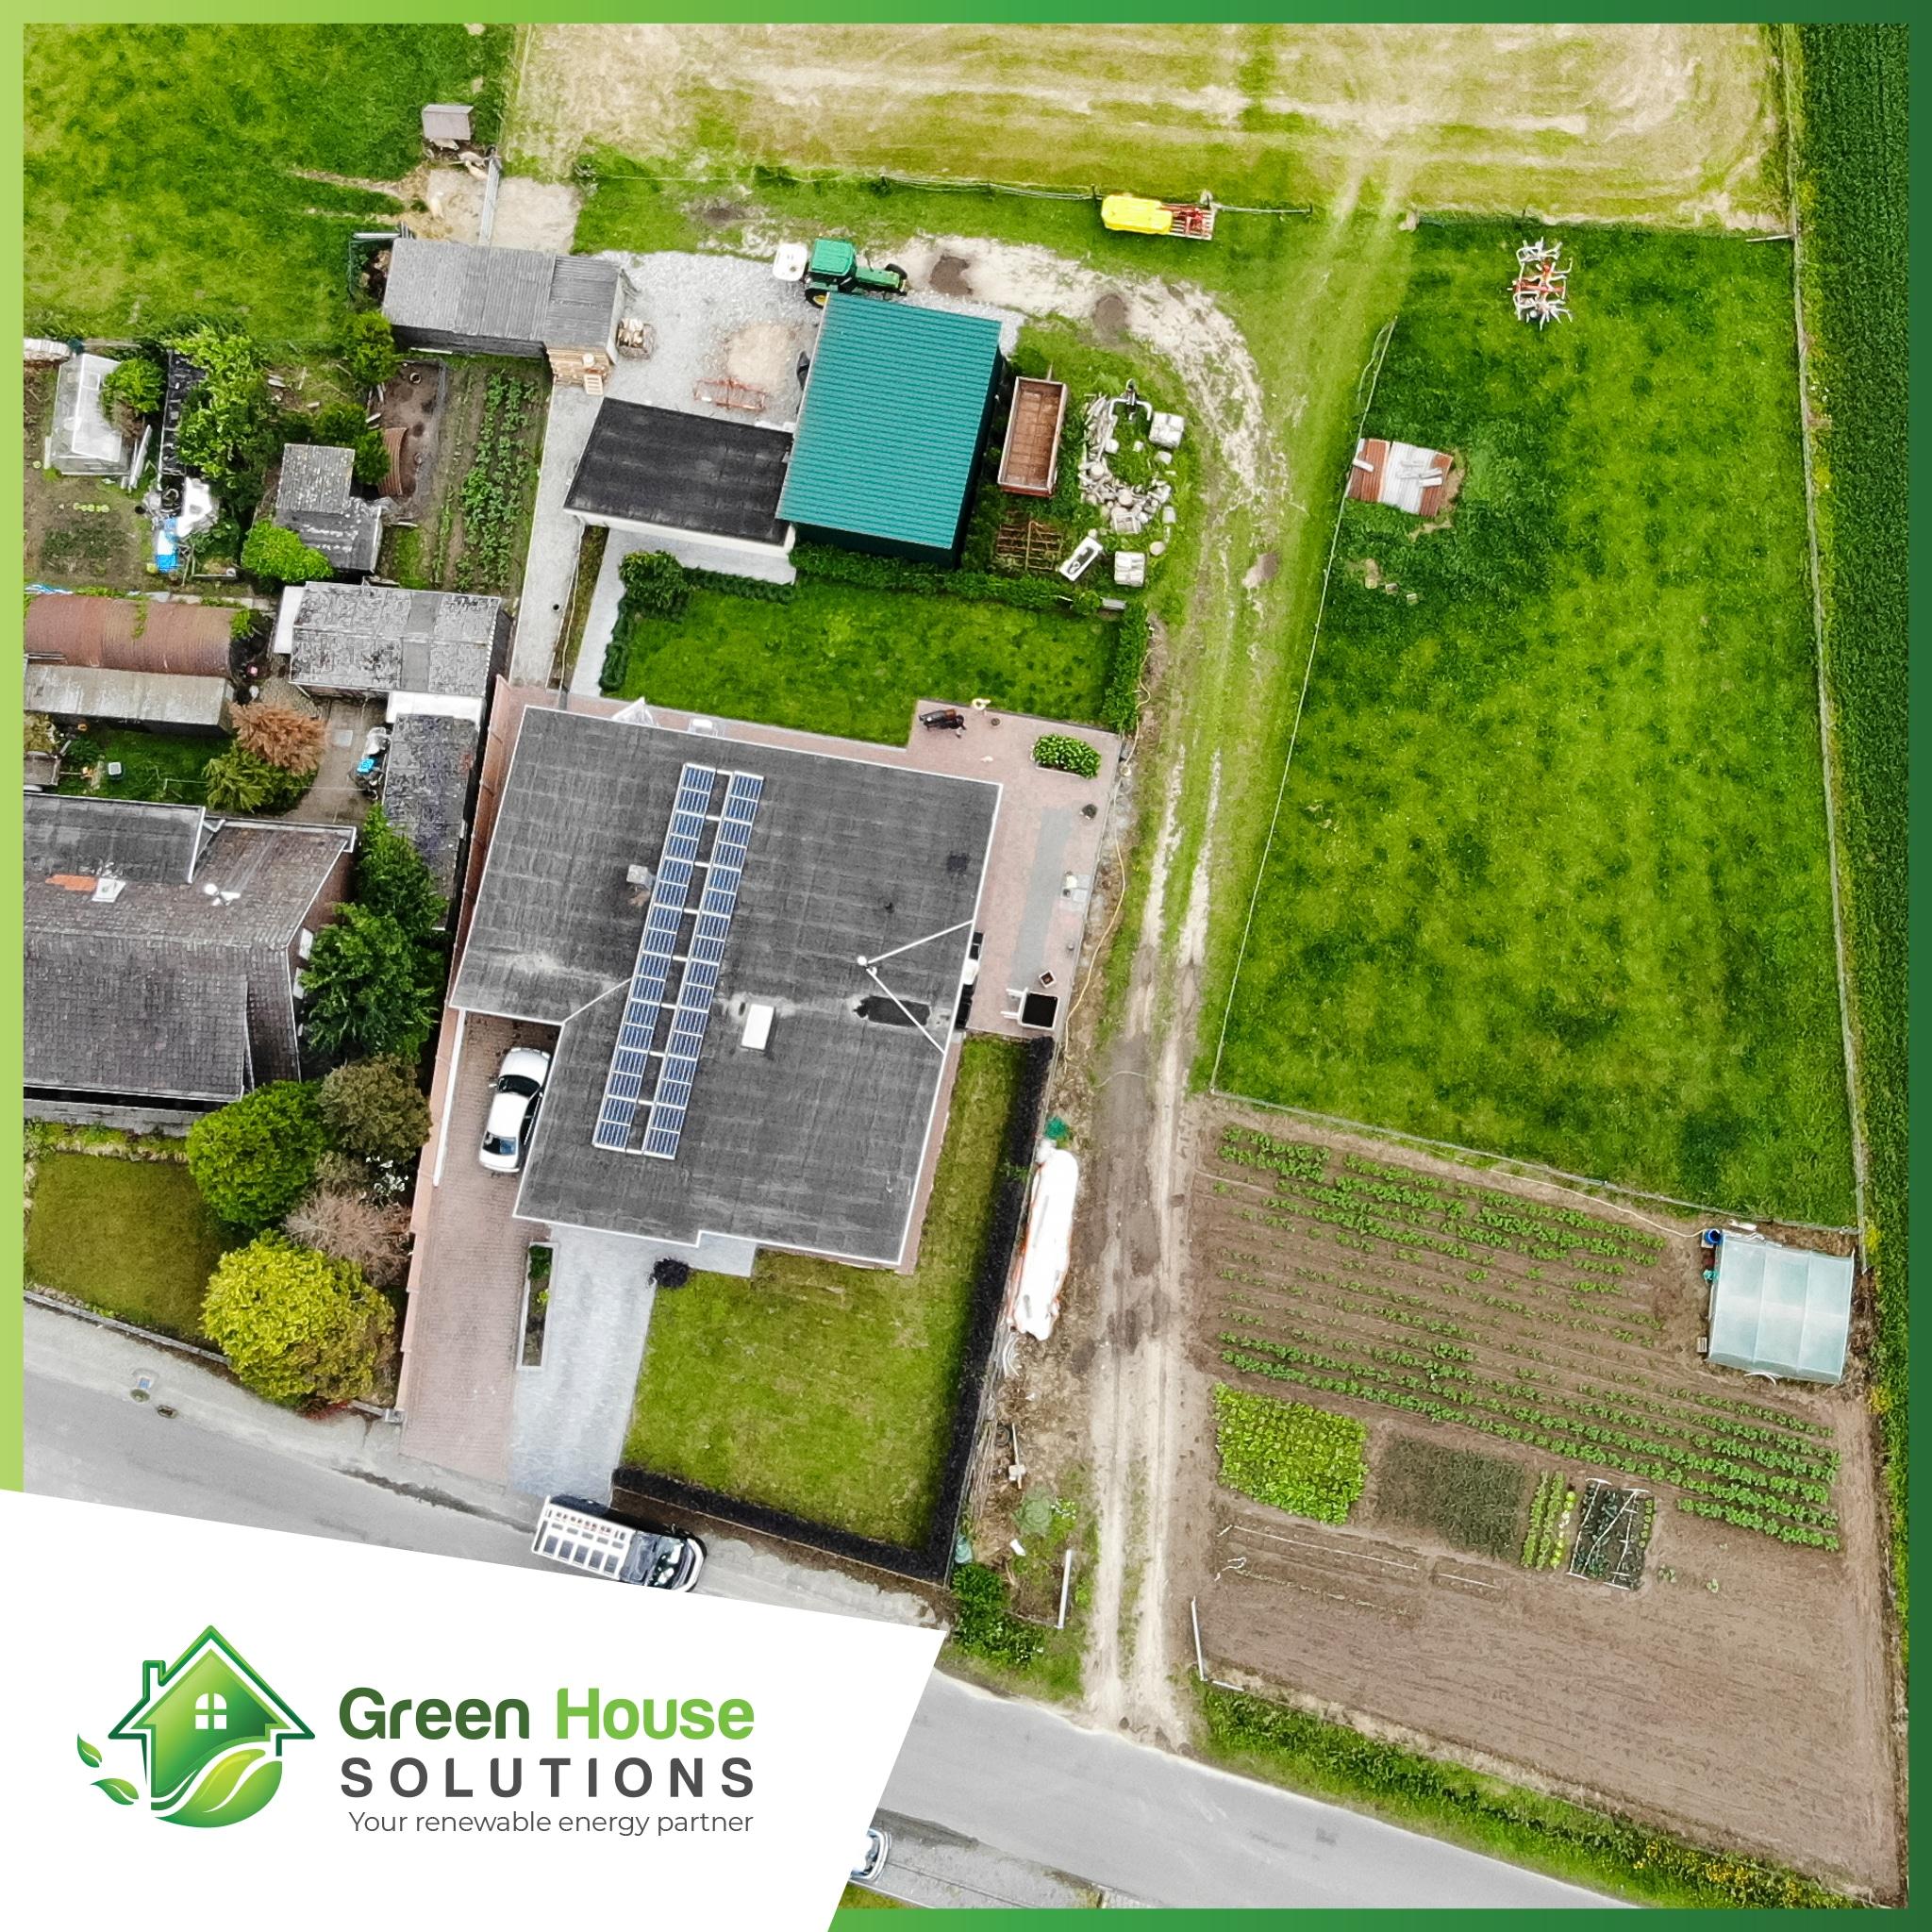 Green House Solutions zonnepanelen plaatsen installeren of kopen 00005